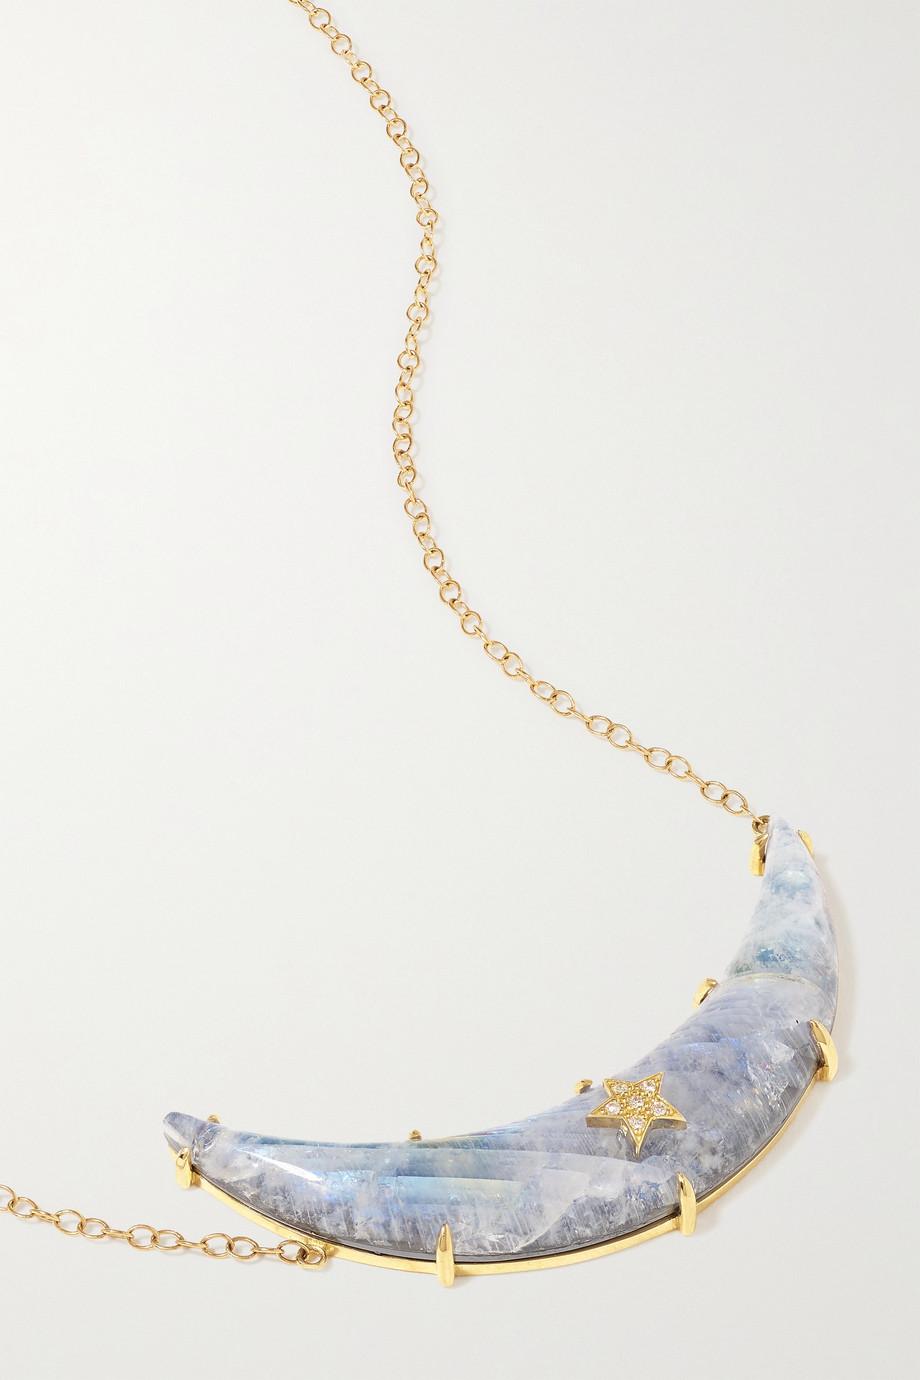 Andrea Fohrman Kette aus 14 Karat Gold mit Dublette aus mehreren Steinen